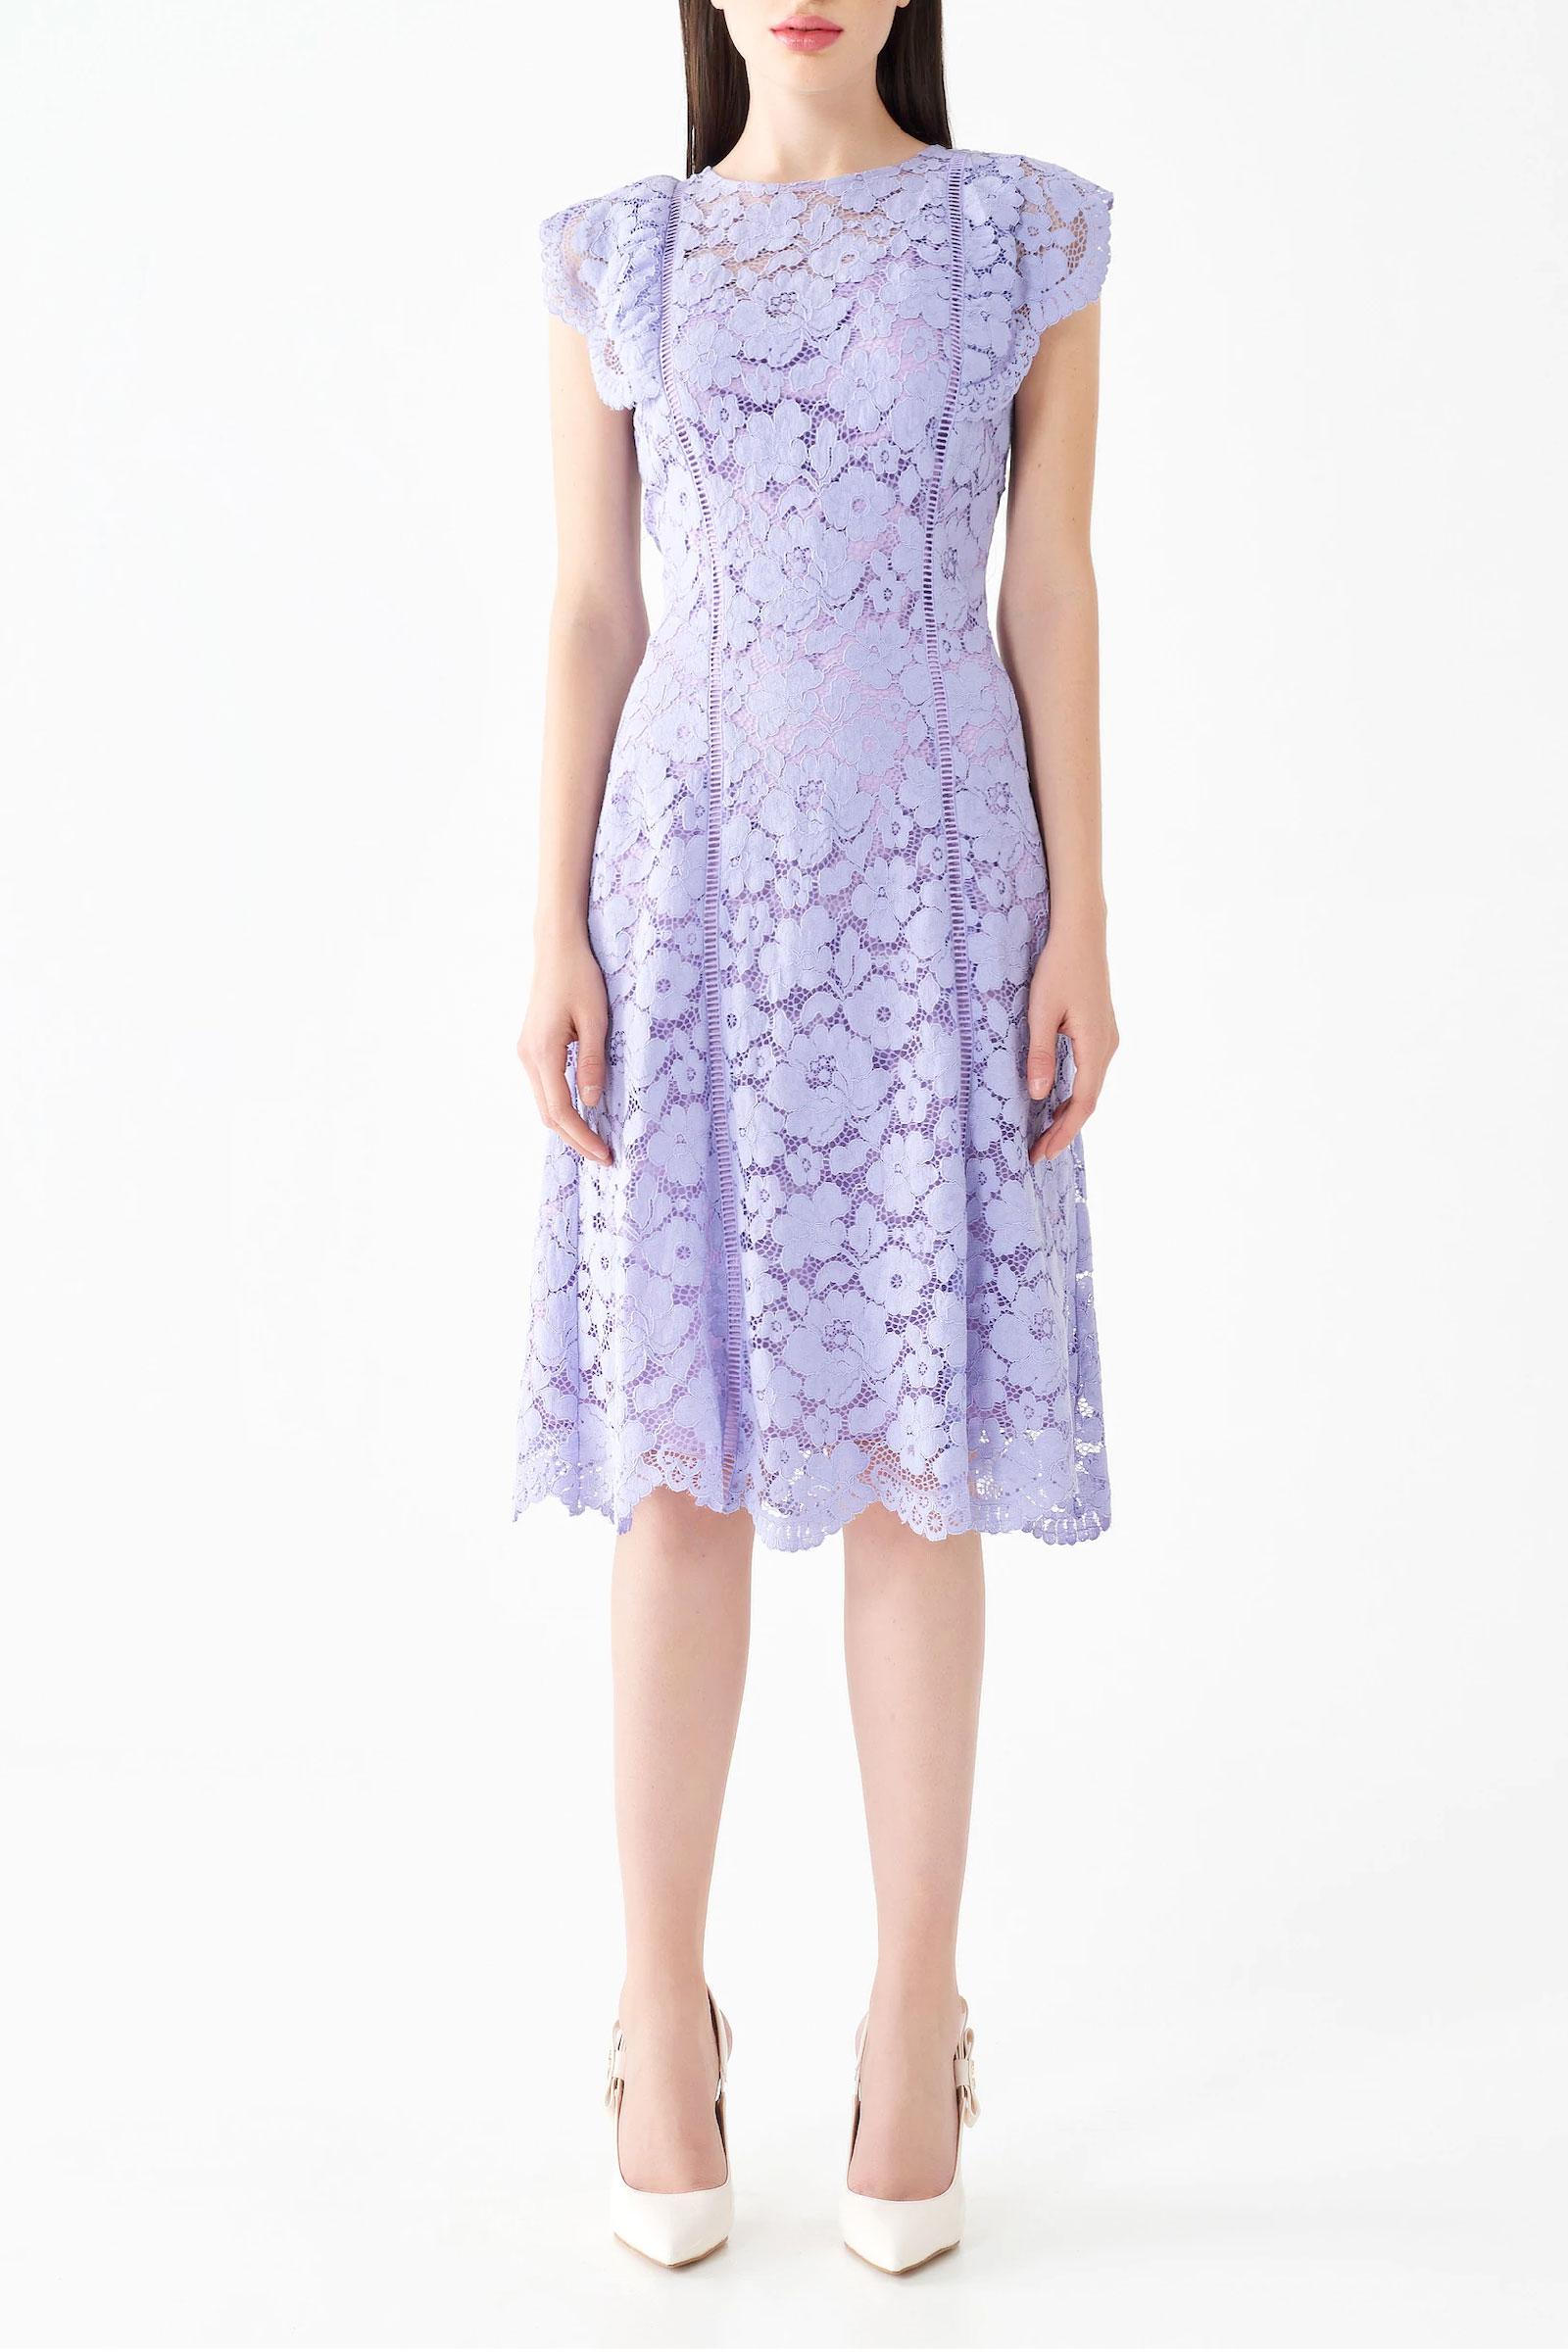 RINASCIMENTO | Dress | CFC0017780002B215